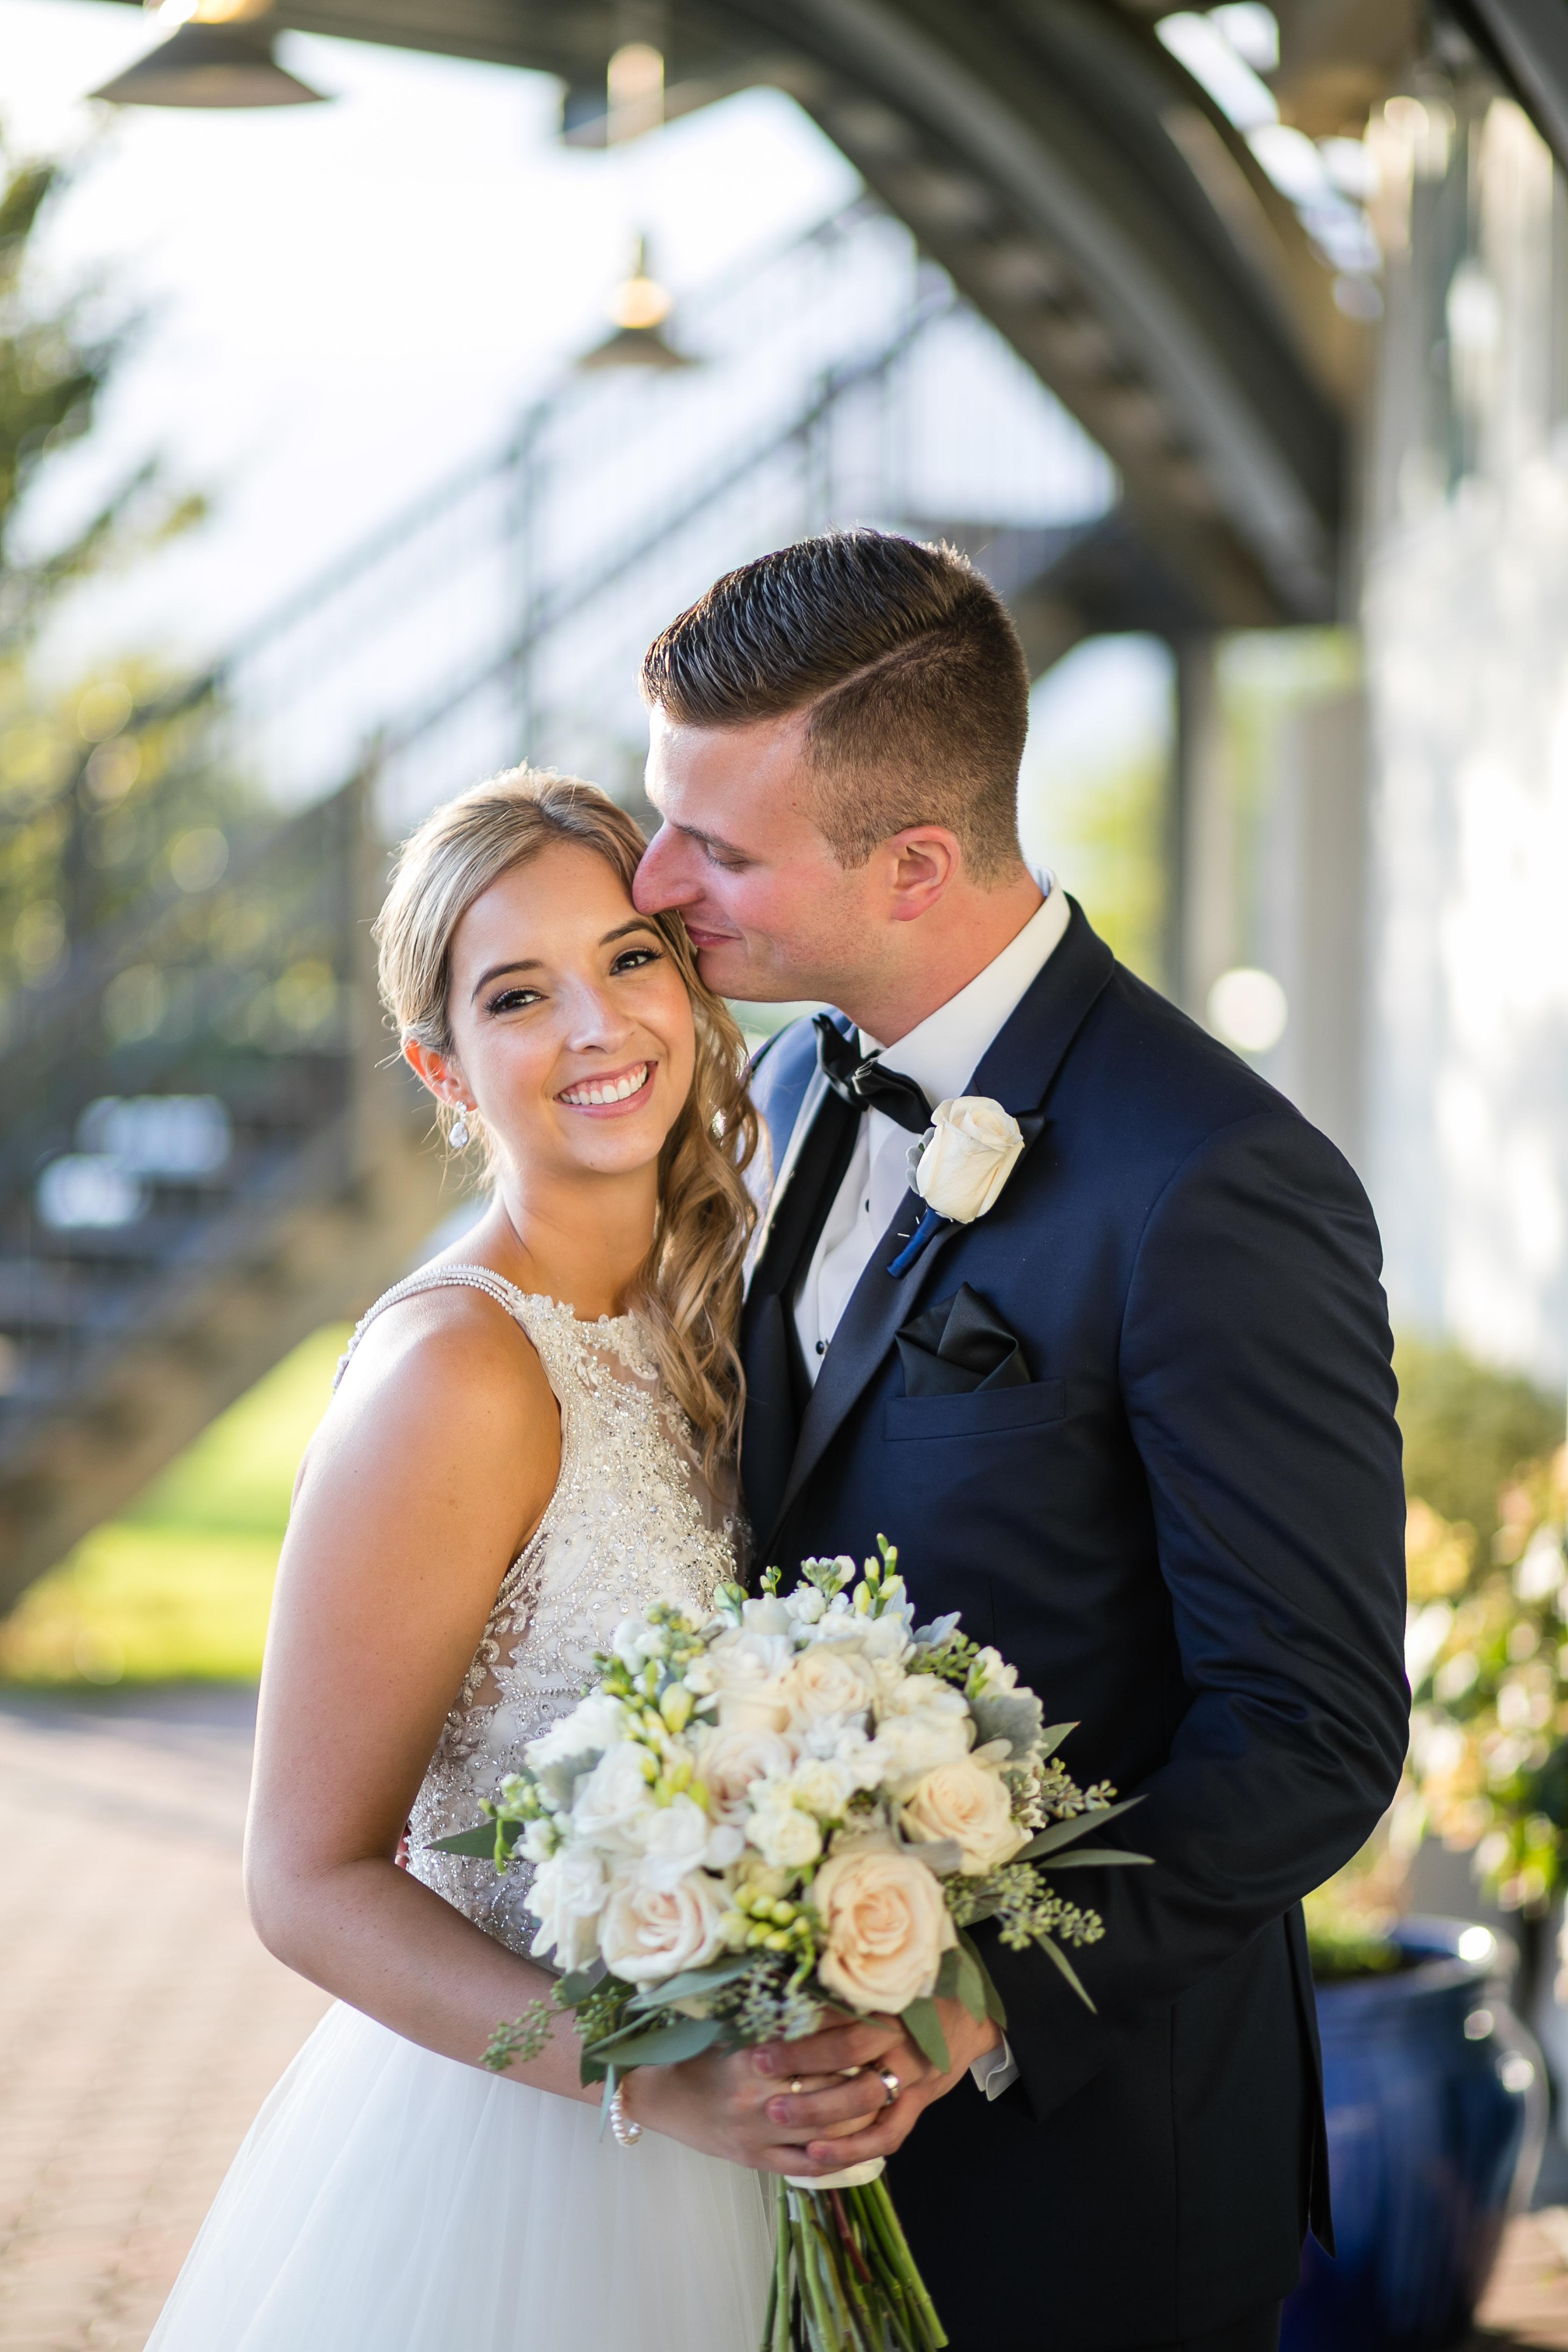 bride getting kissed by groom